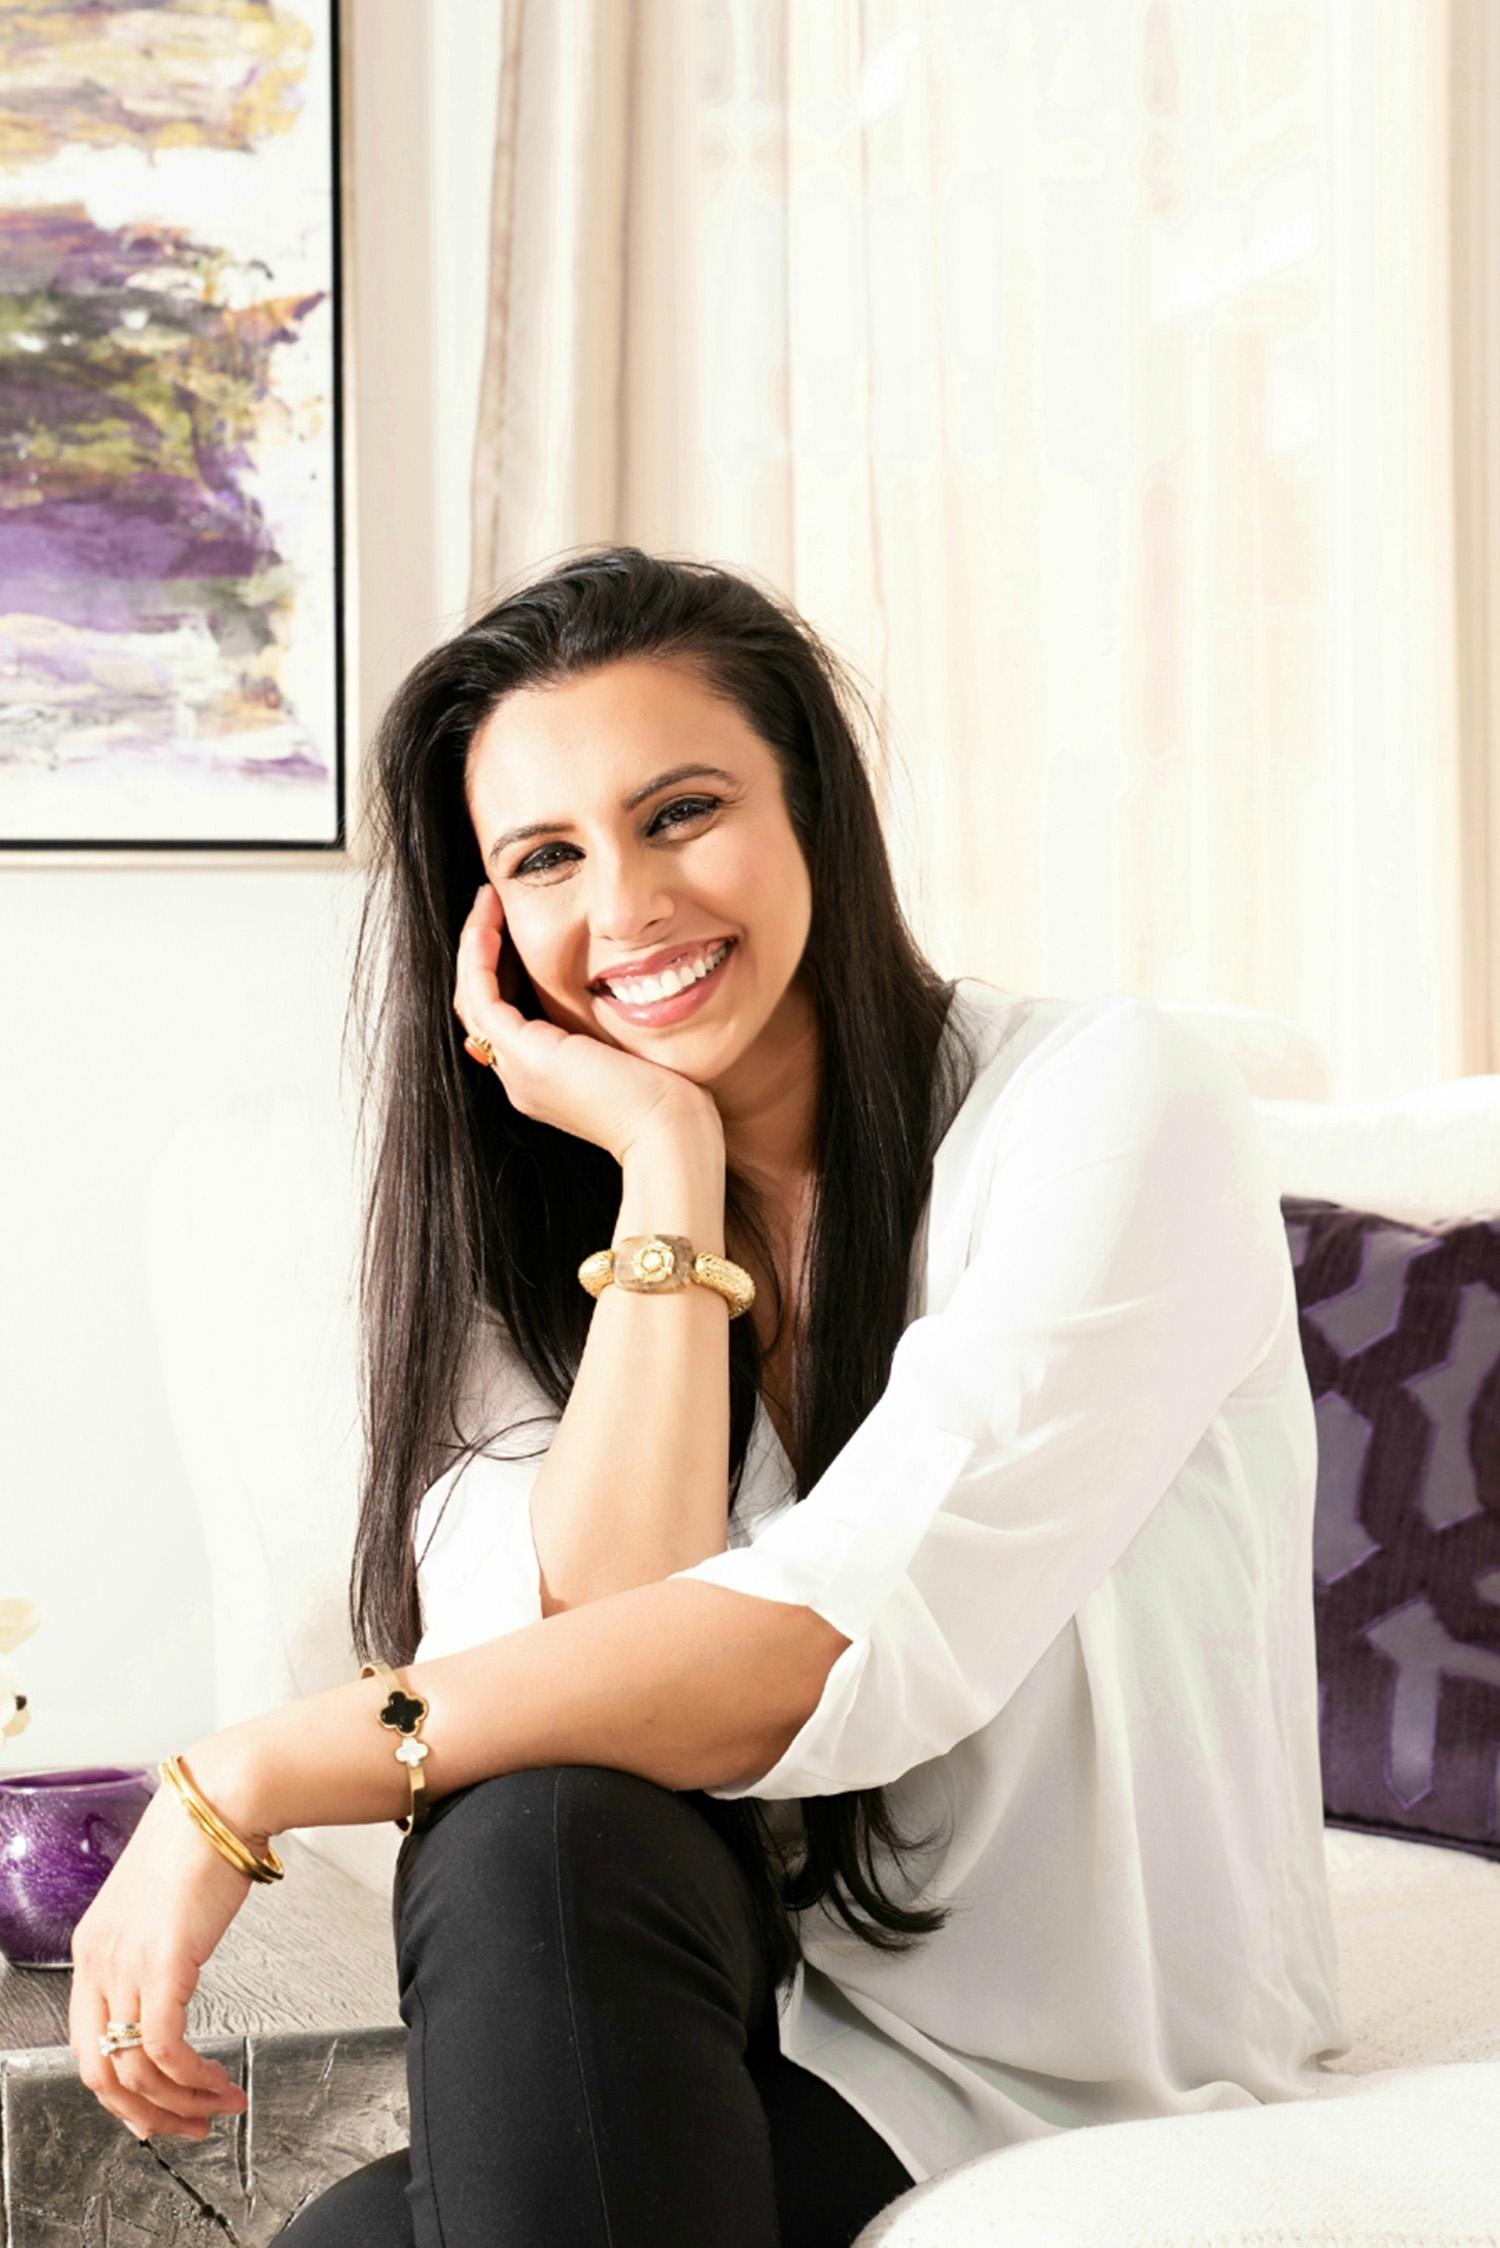 About Kanika Chadda-Gupta